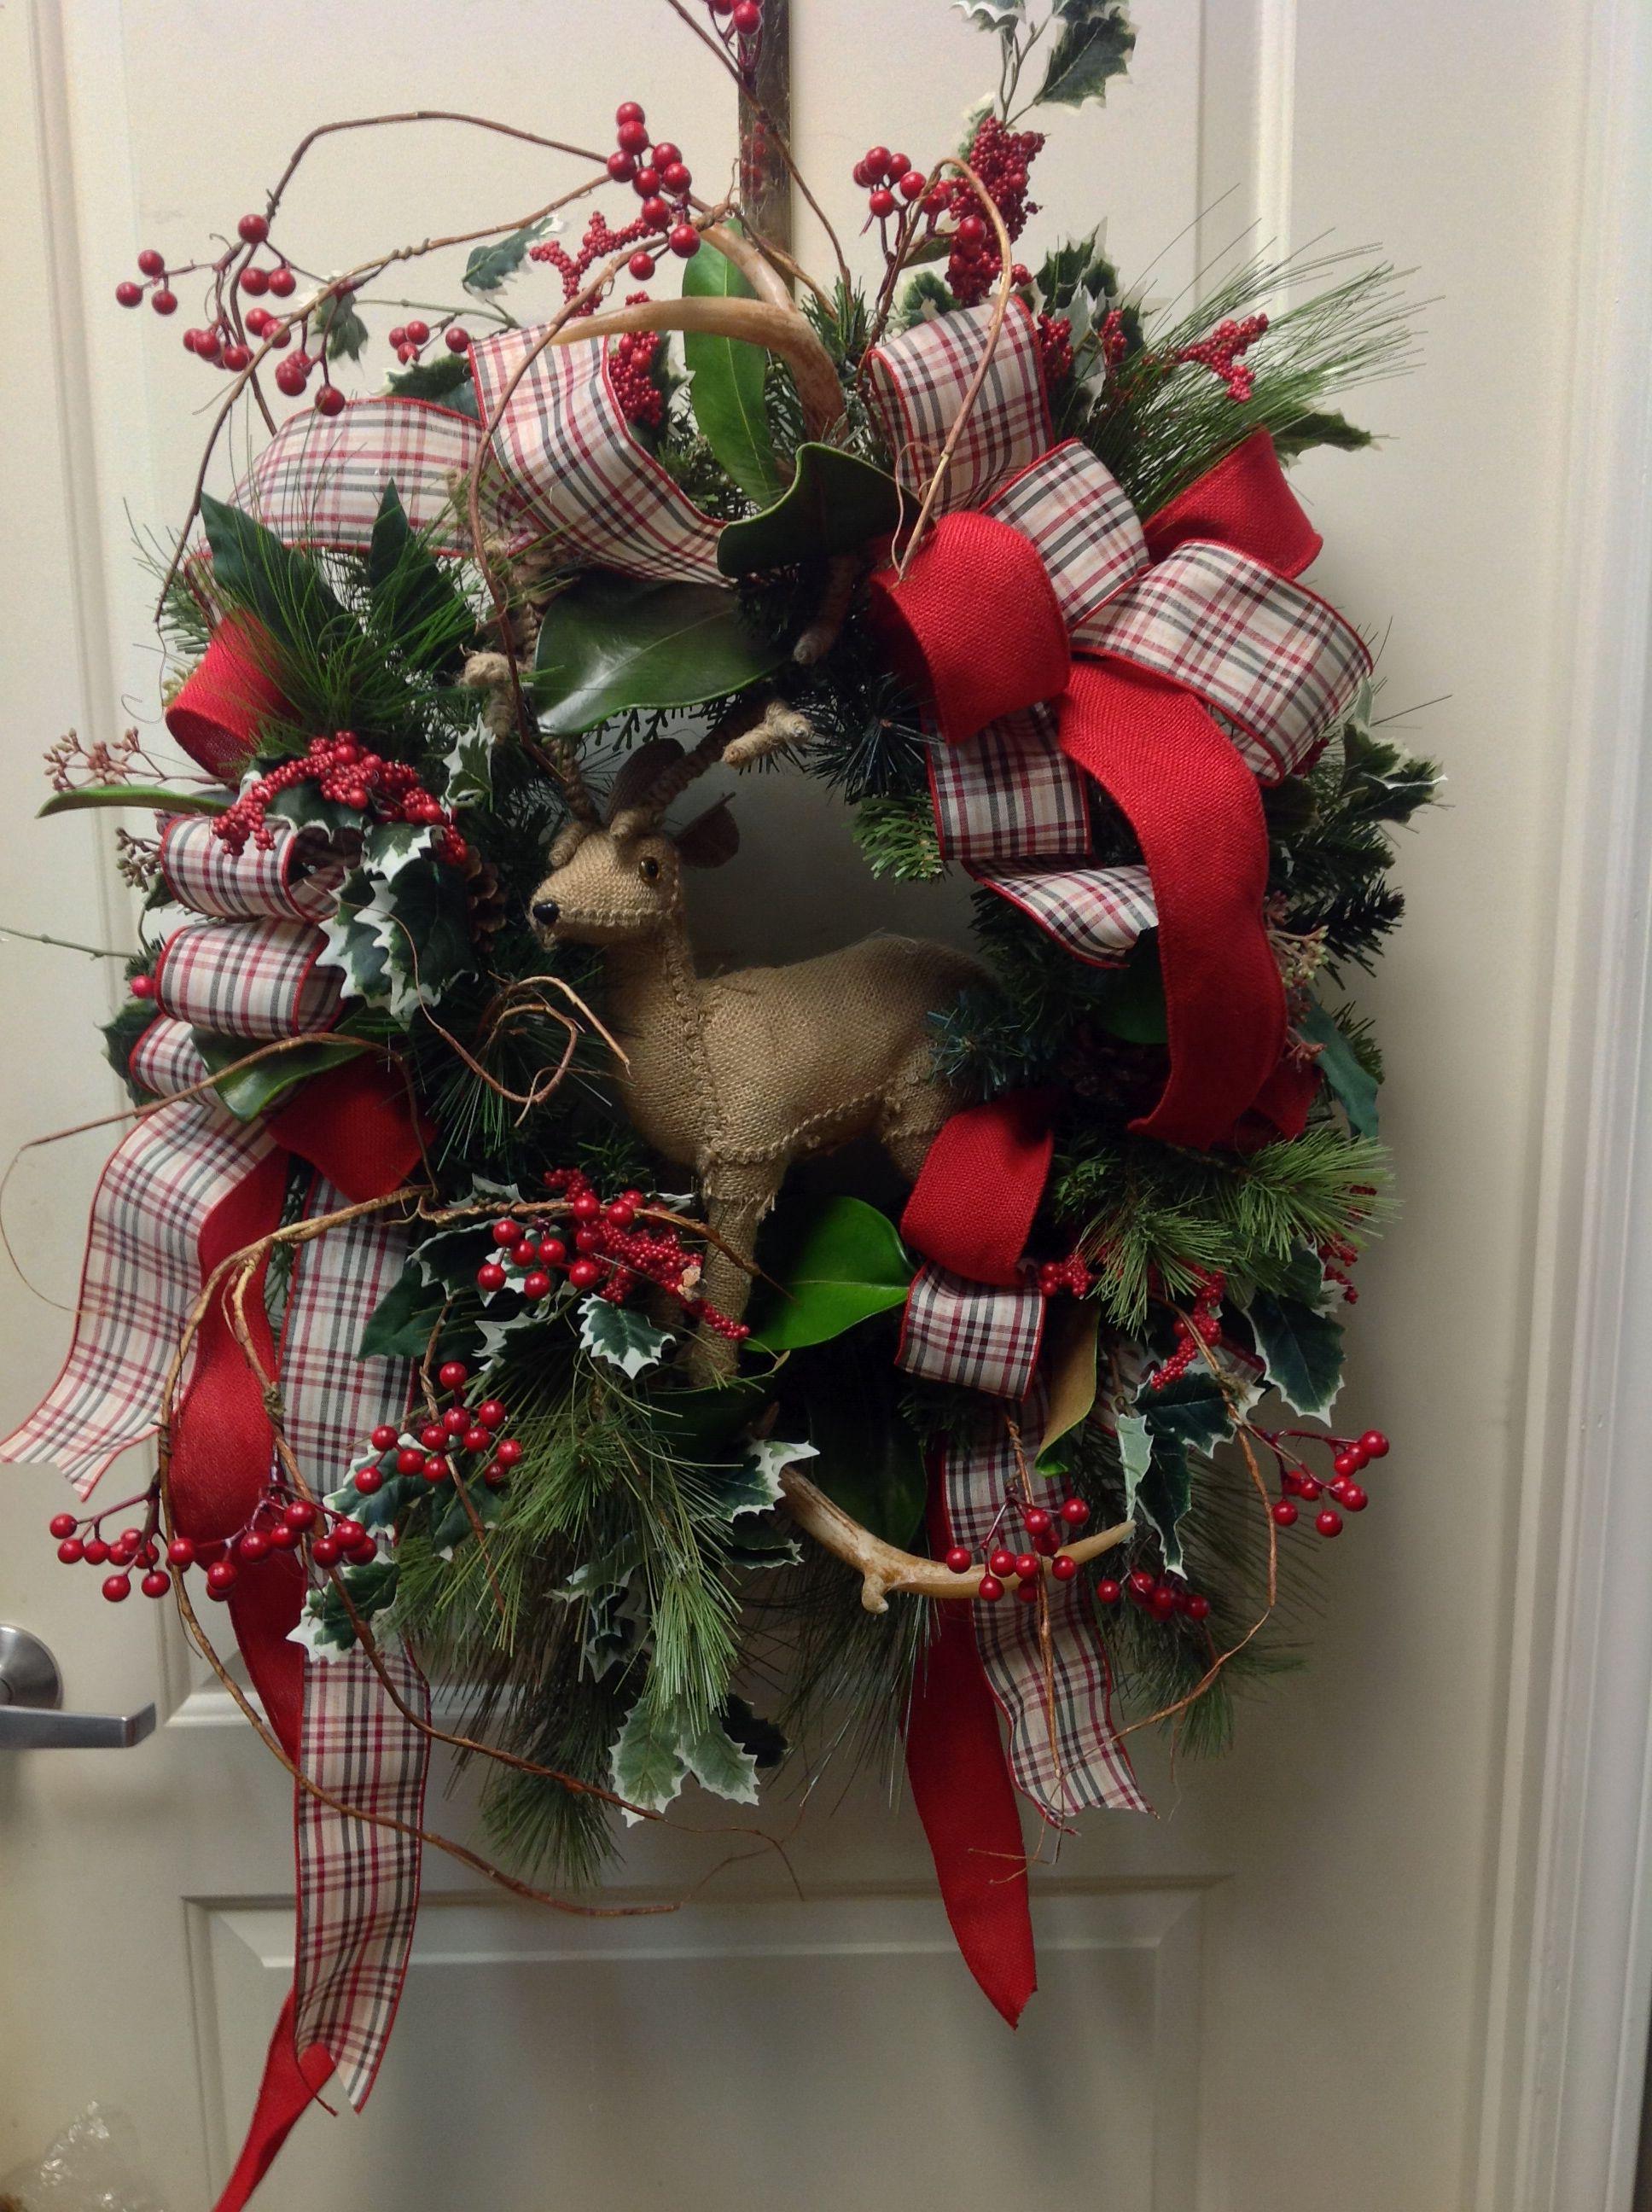 Wreath with deer antlers wreaths pinterest deer for Antler christmas wreath